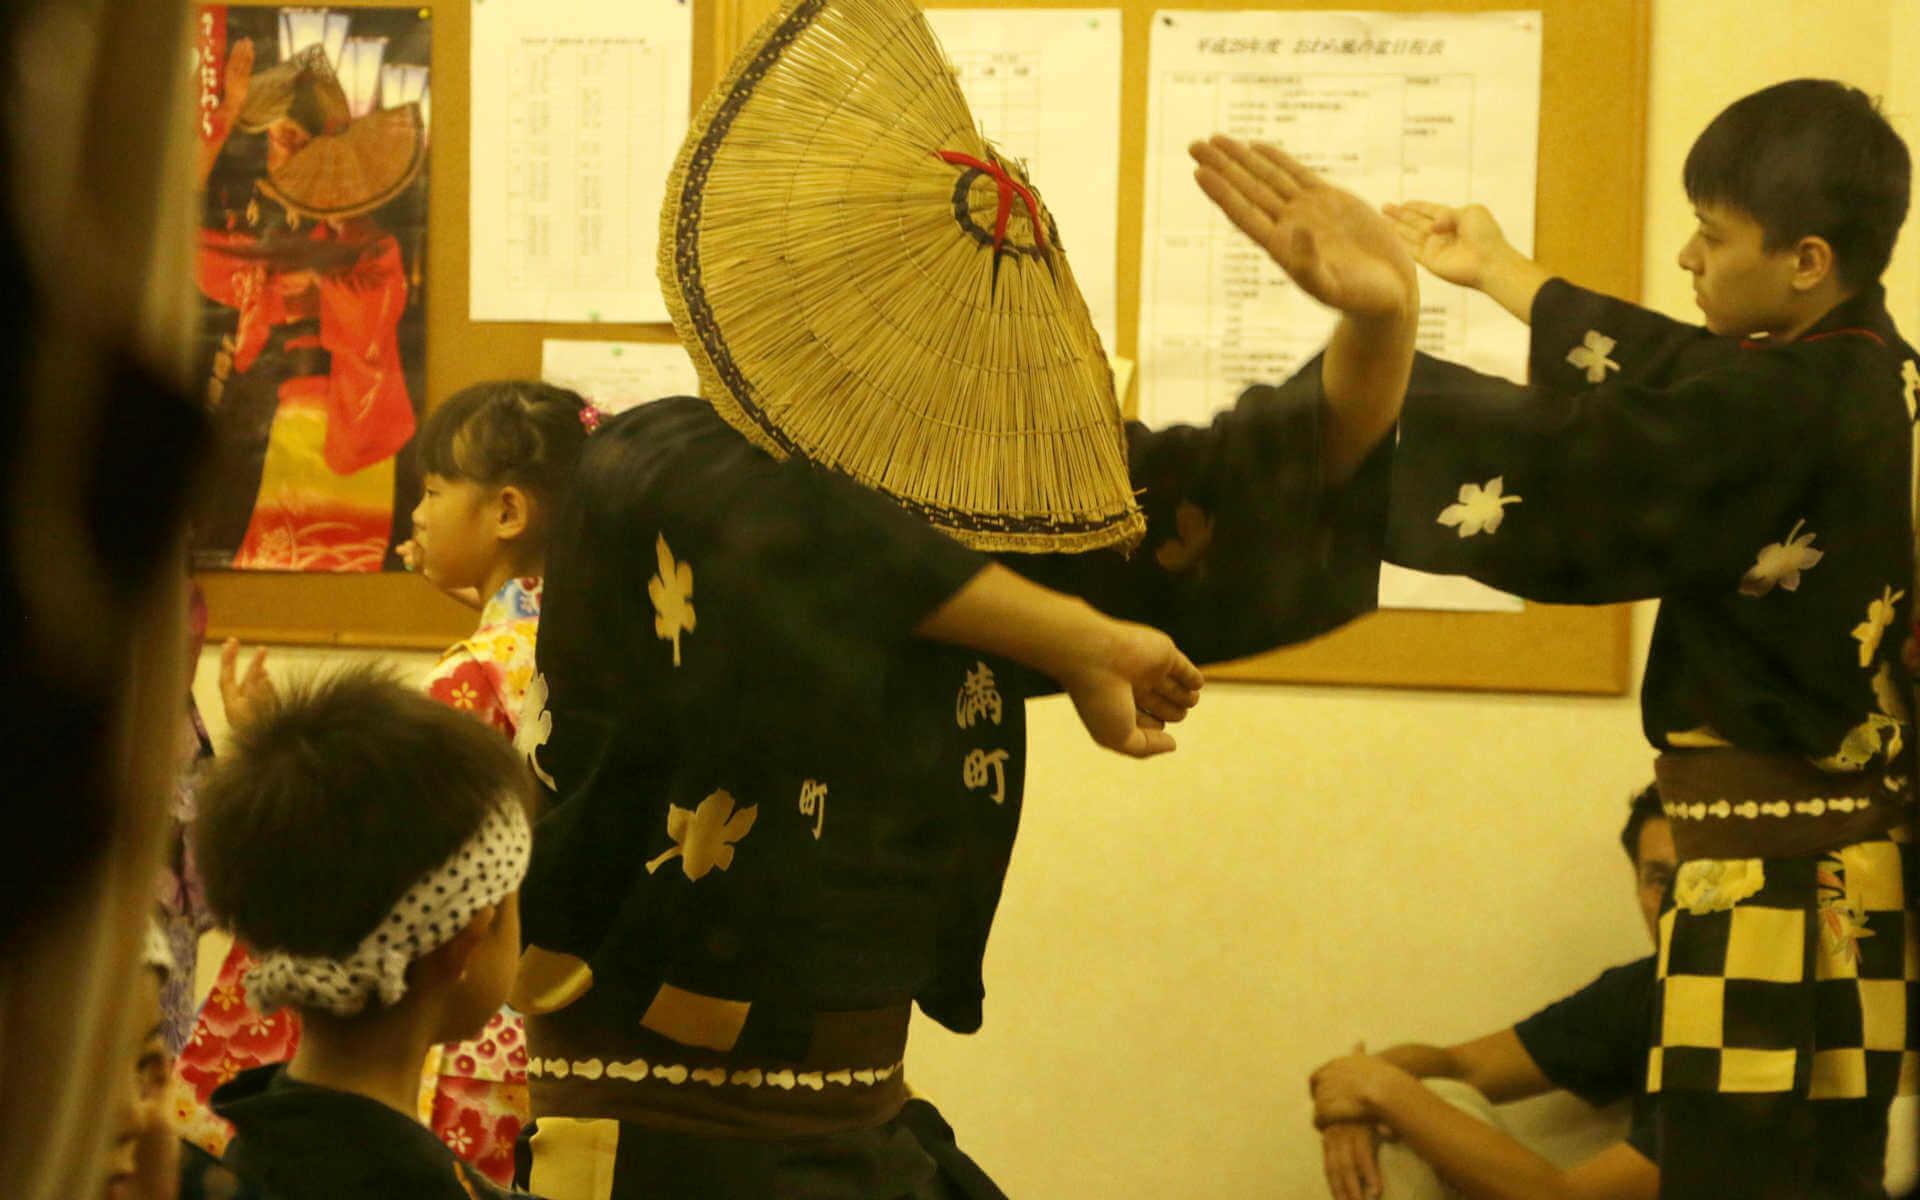 大人をお手本に、子供達の踊りの様子。こうして何世代もおわらは受け継がれていきます